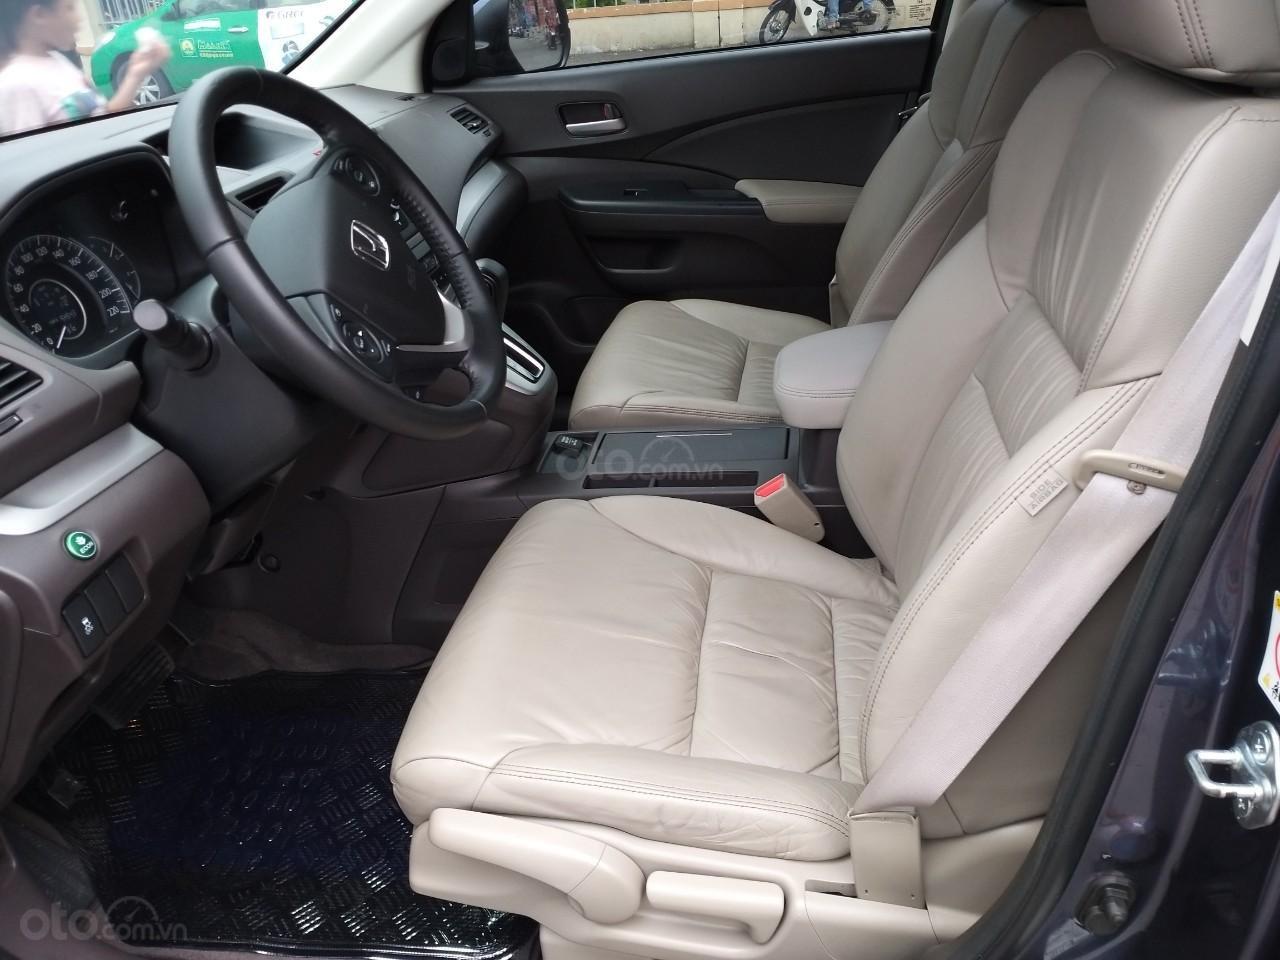 Honda CR V 2.0 AT model 2014, màu xanh, xe nhập cực mới, 700 triệu đồng-7